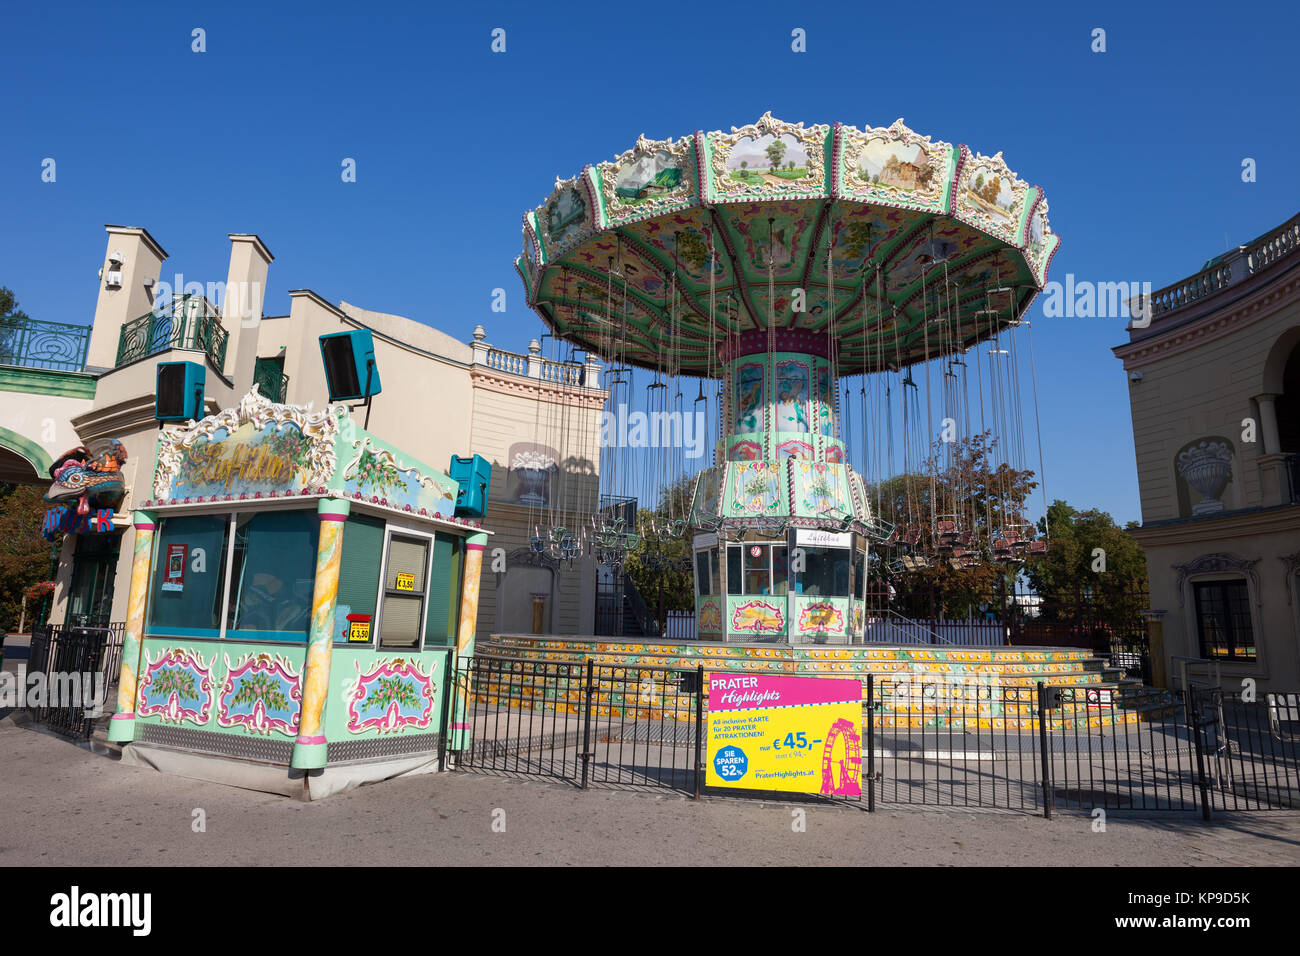 Kettenkarussell Luftikus rétro nostalgique carrousel en parc d'attractions Prater de Vienne, Autriche, Photo Stock